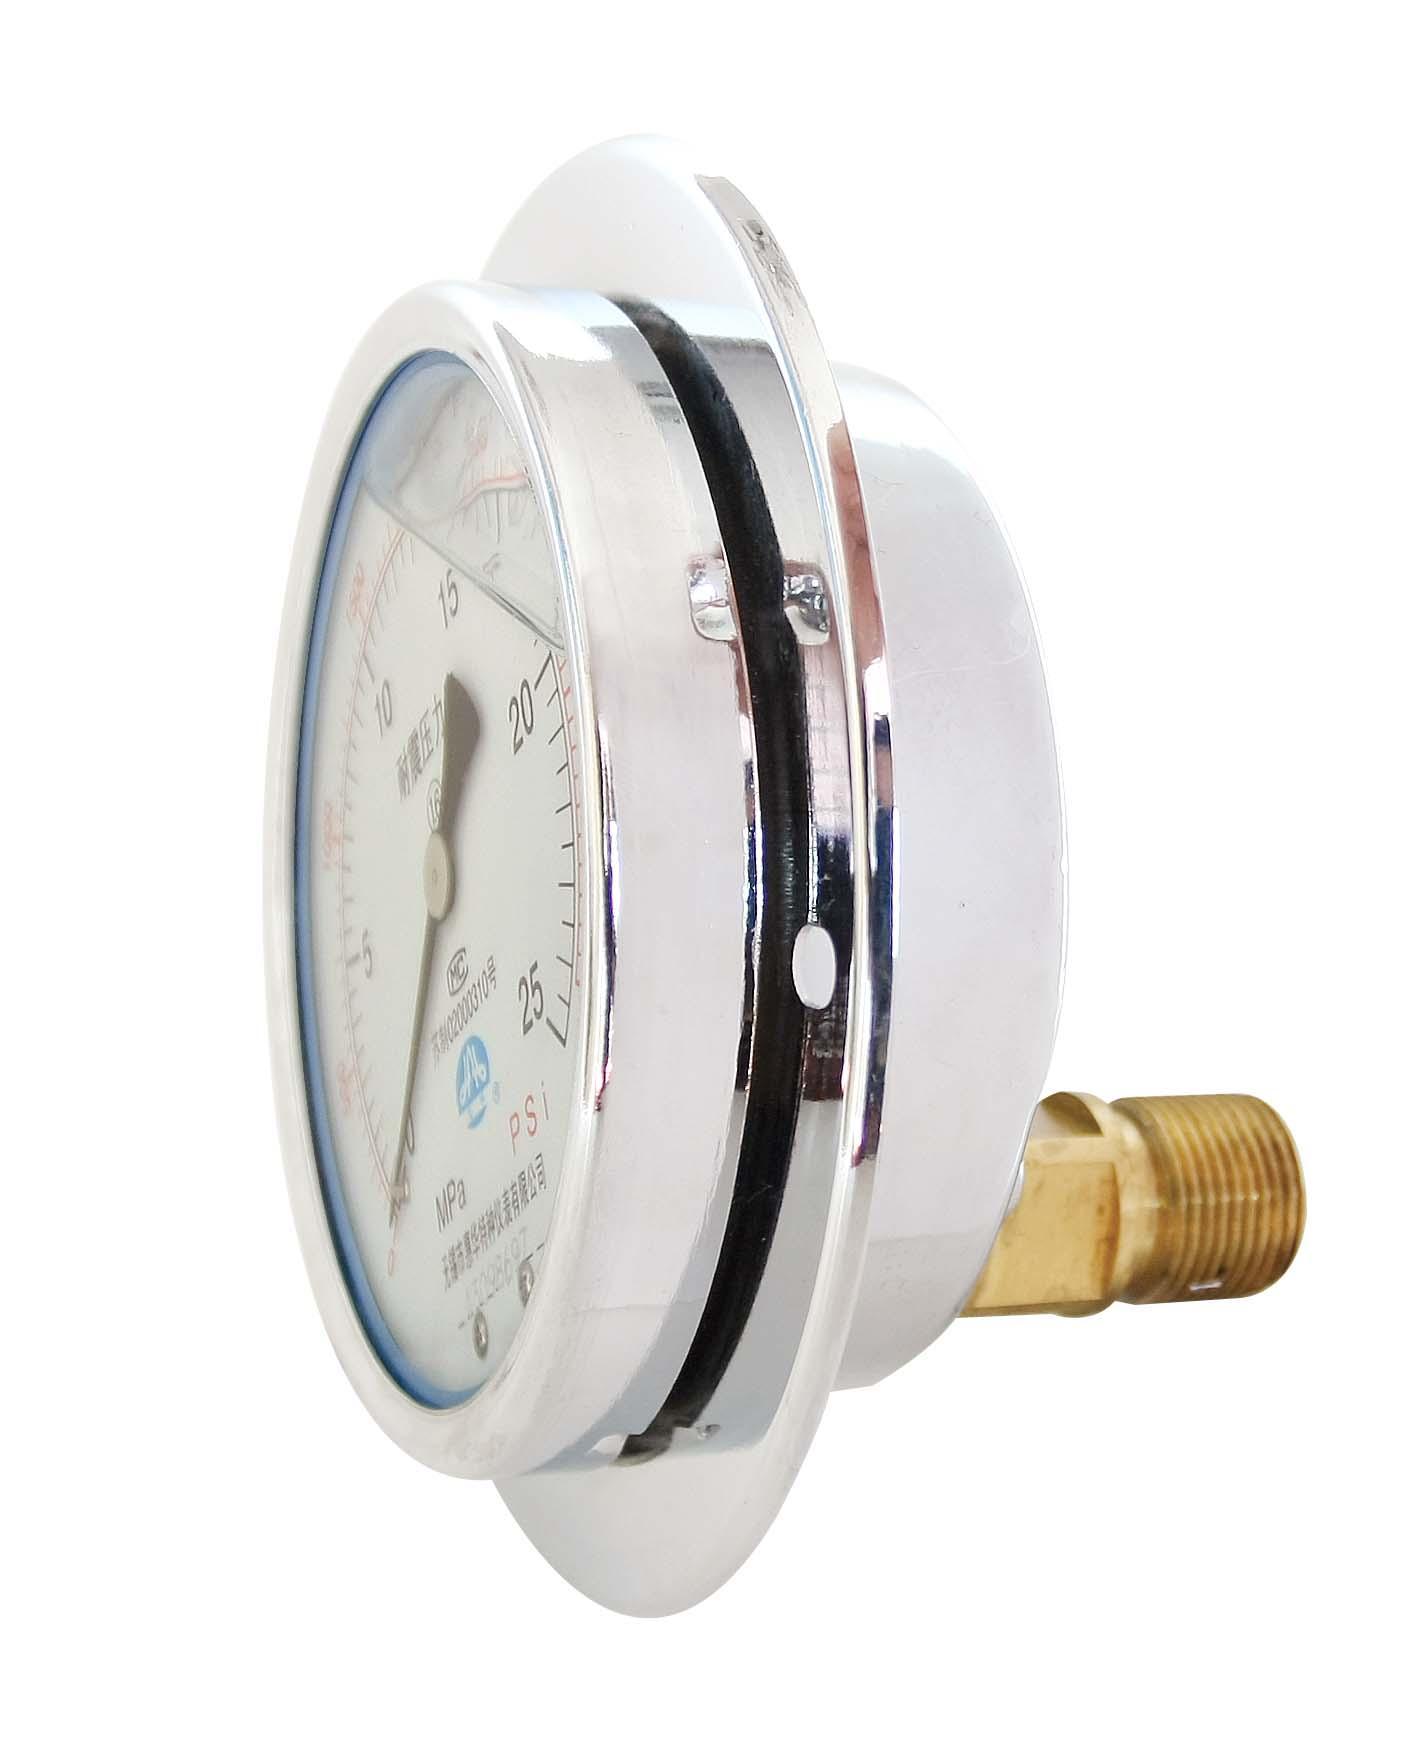 耐震壓力表 抗震壓力表 防震壓力表 充油壓力表 6